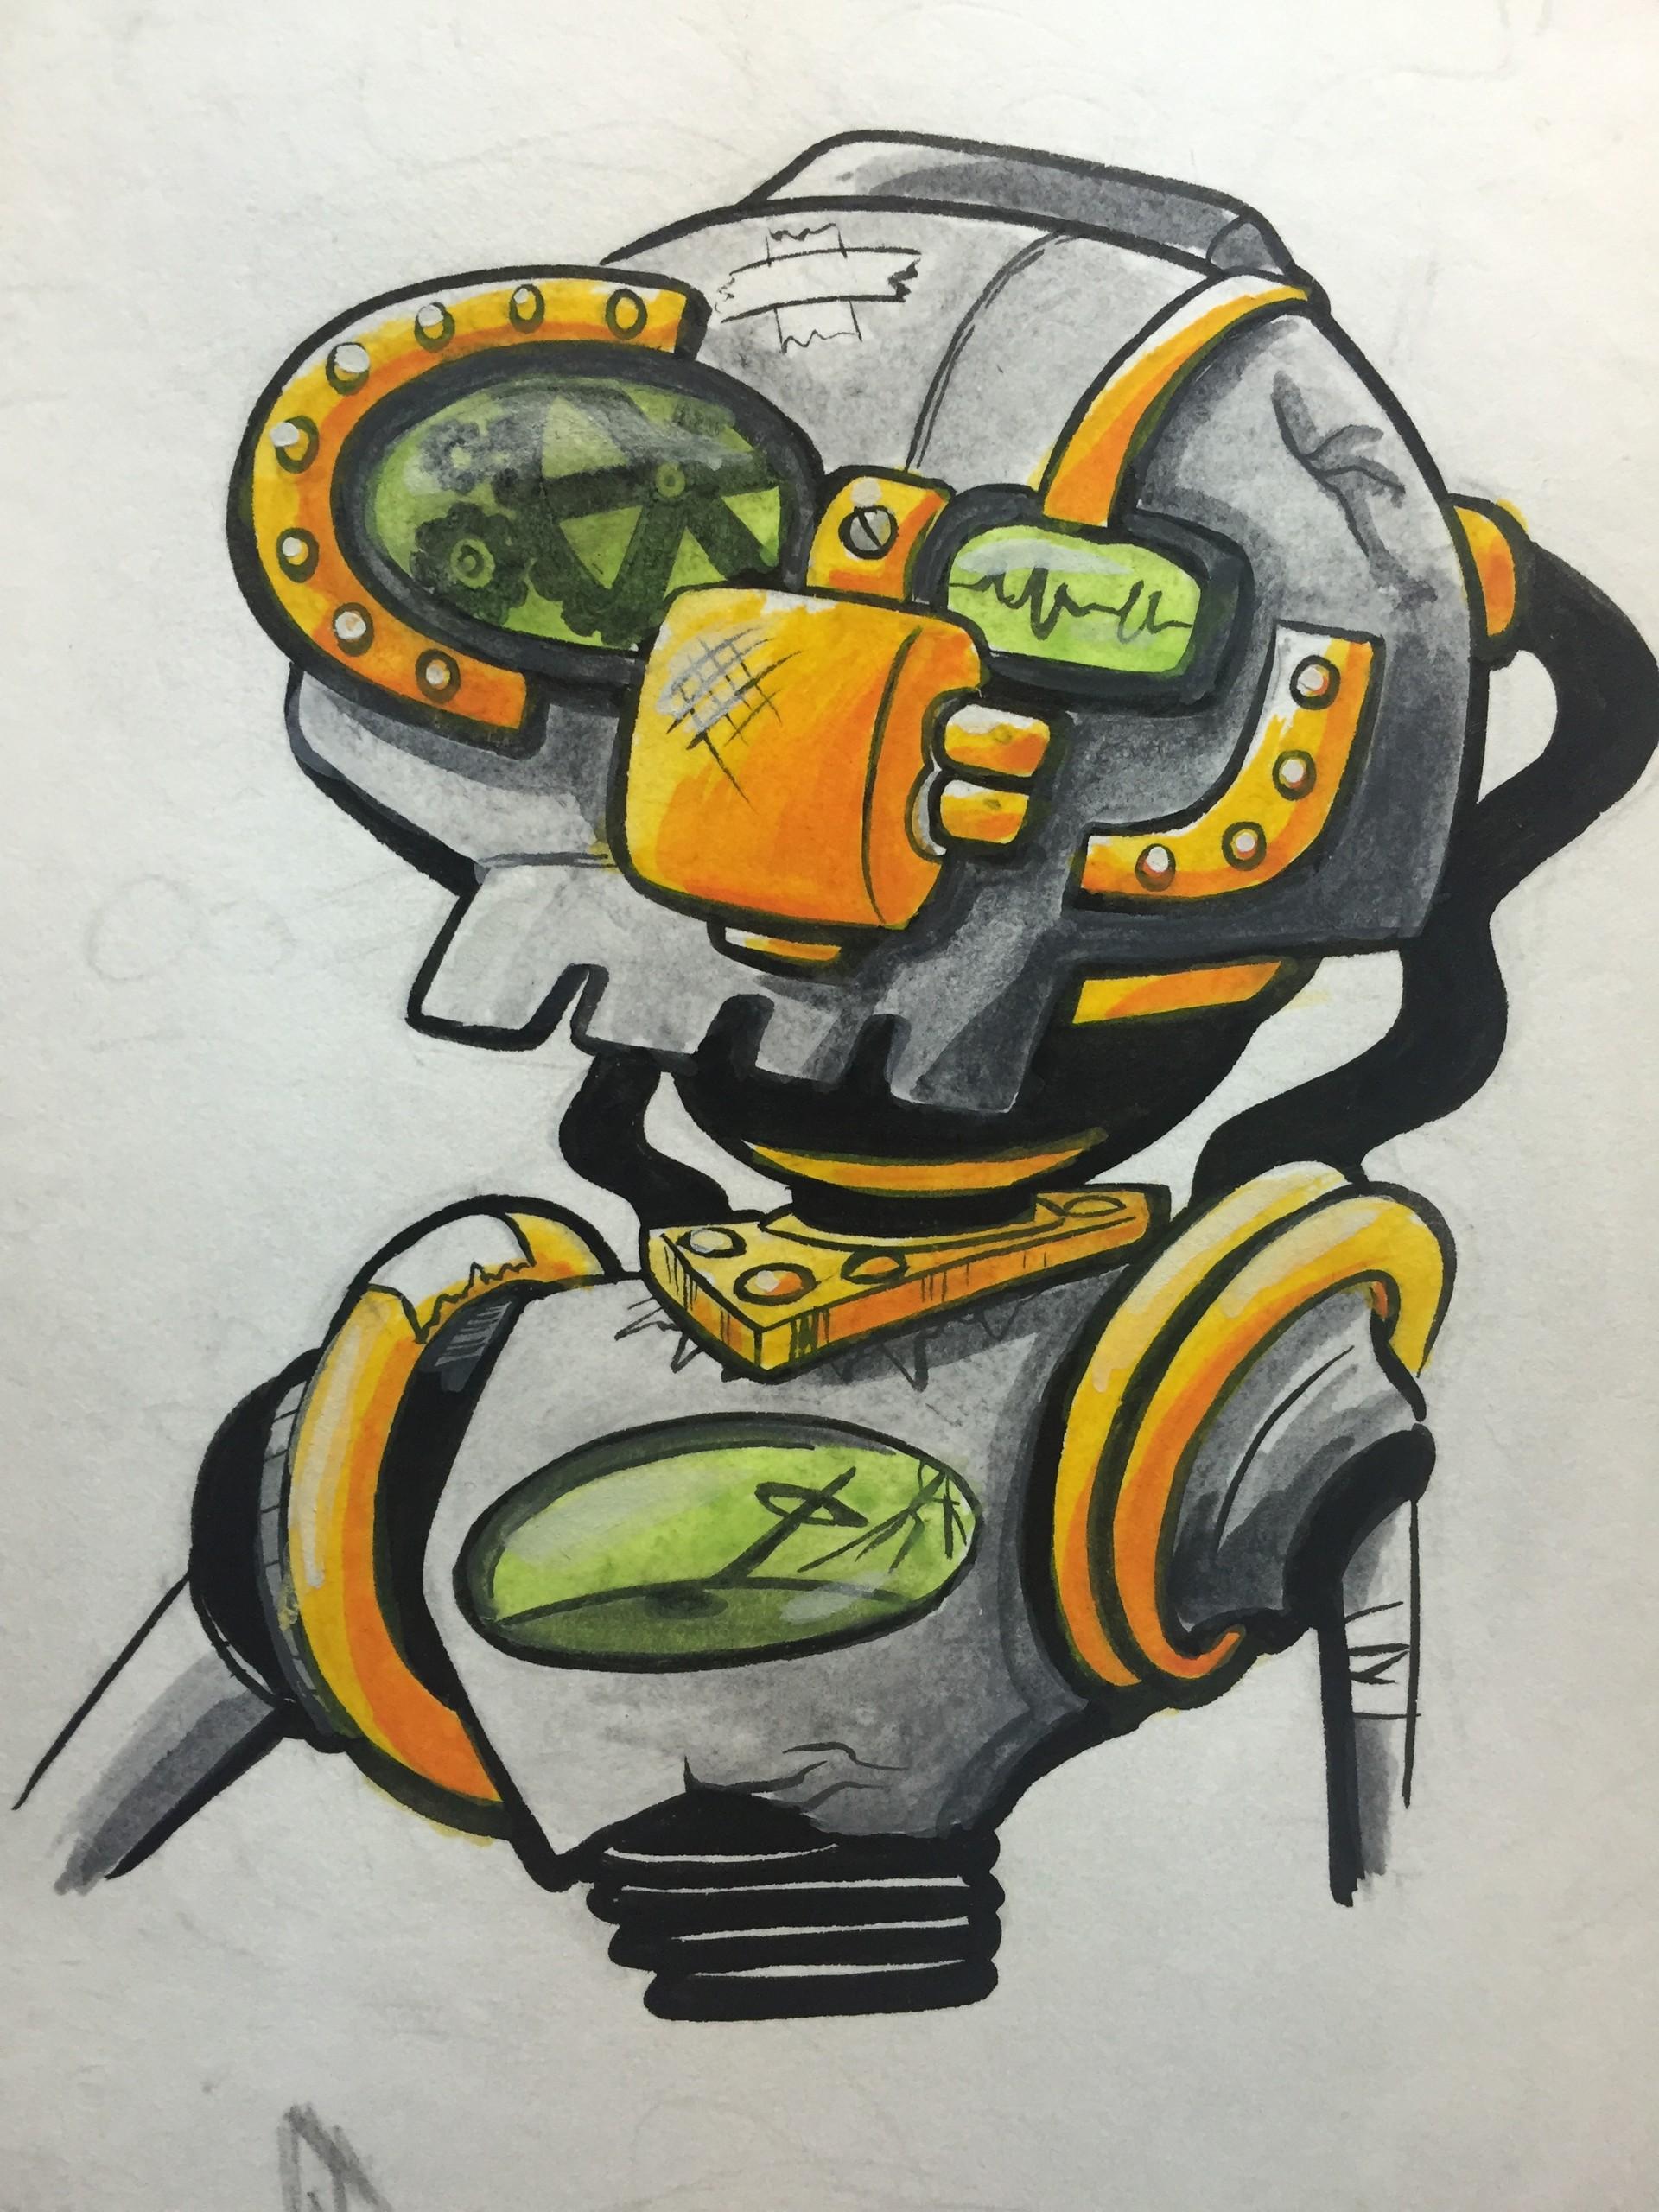 Jake stueber grimy robot bust